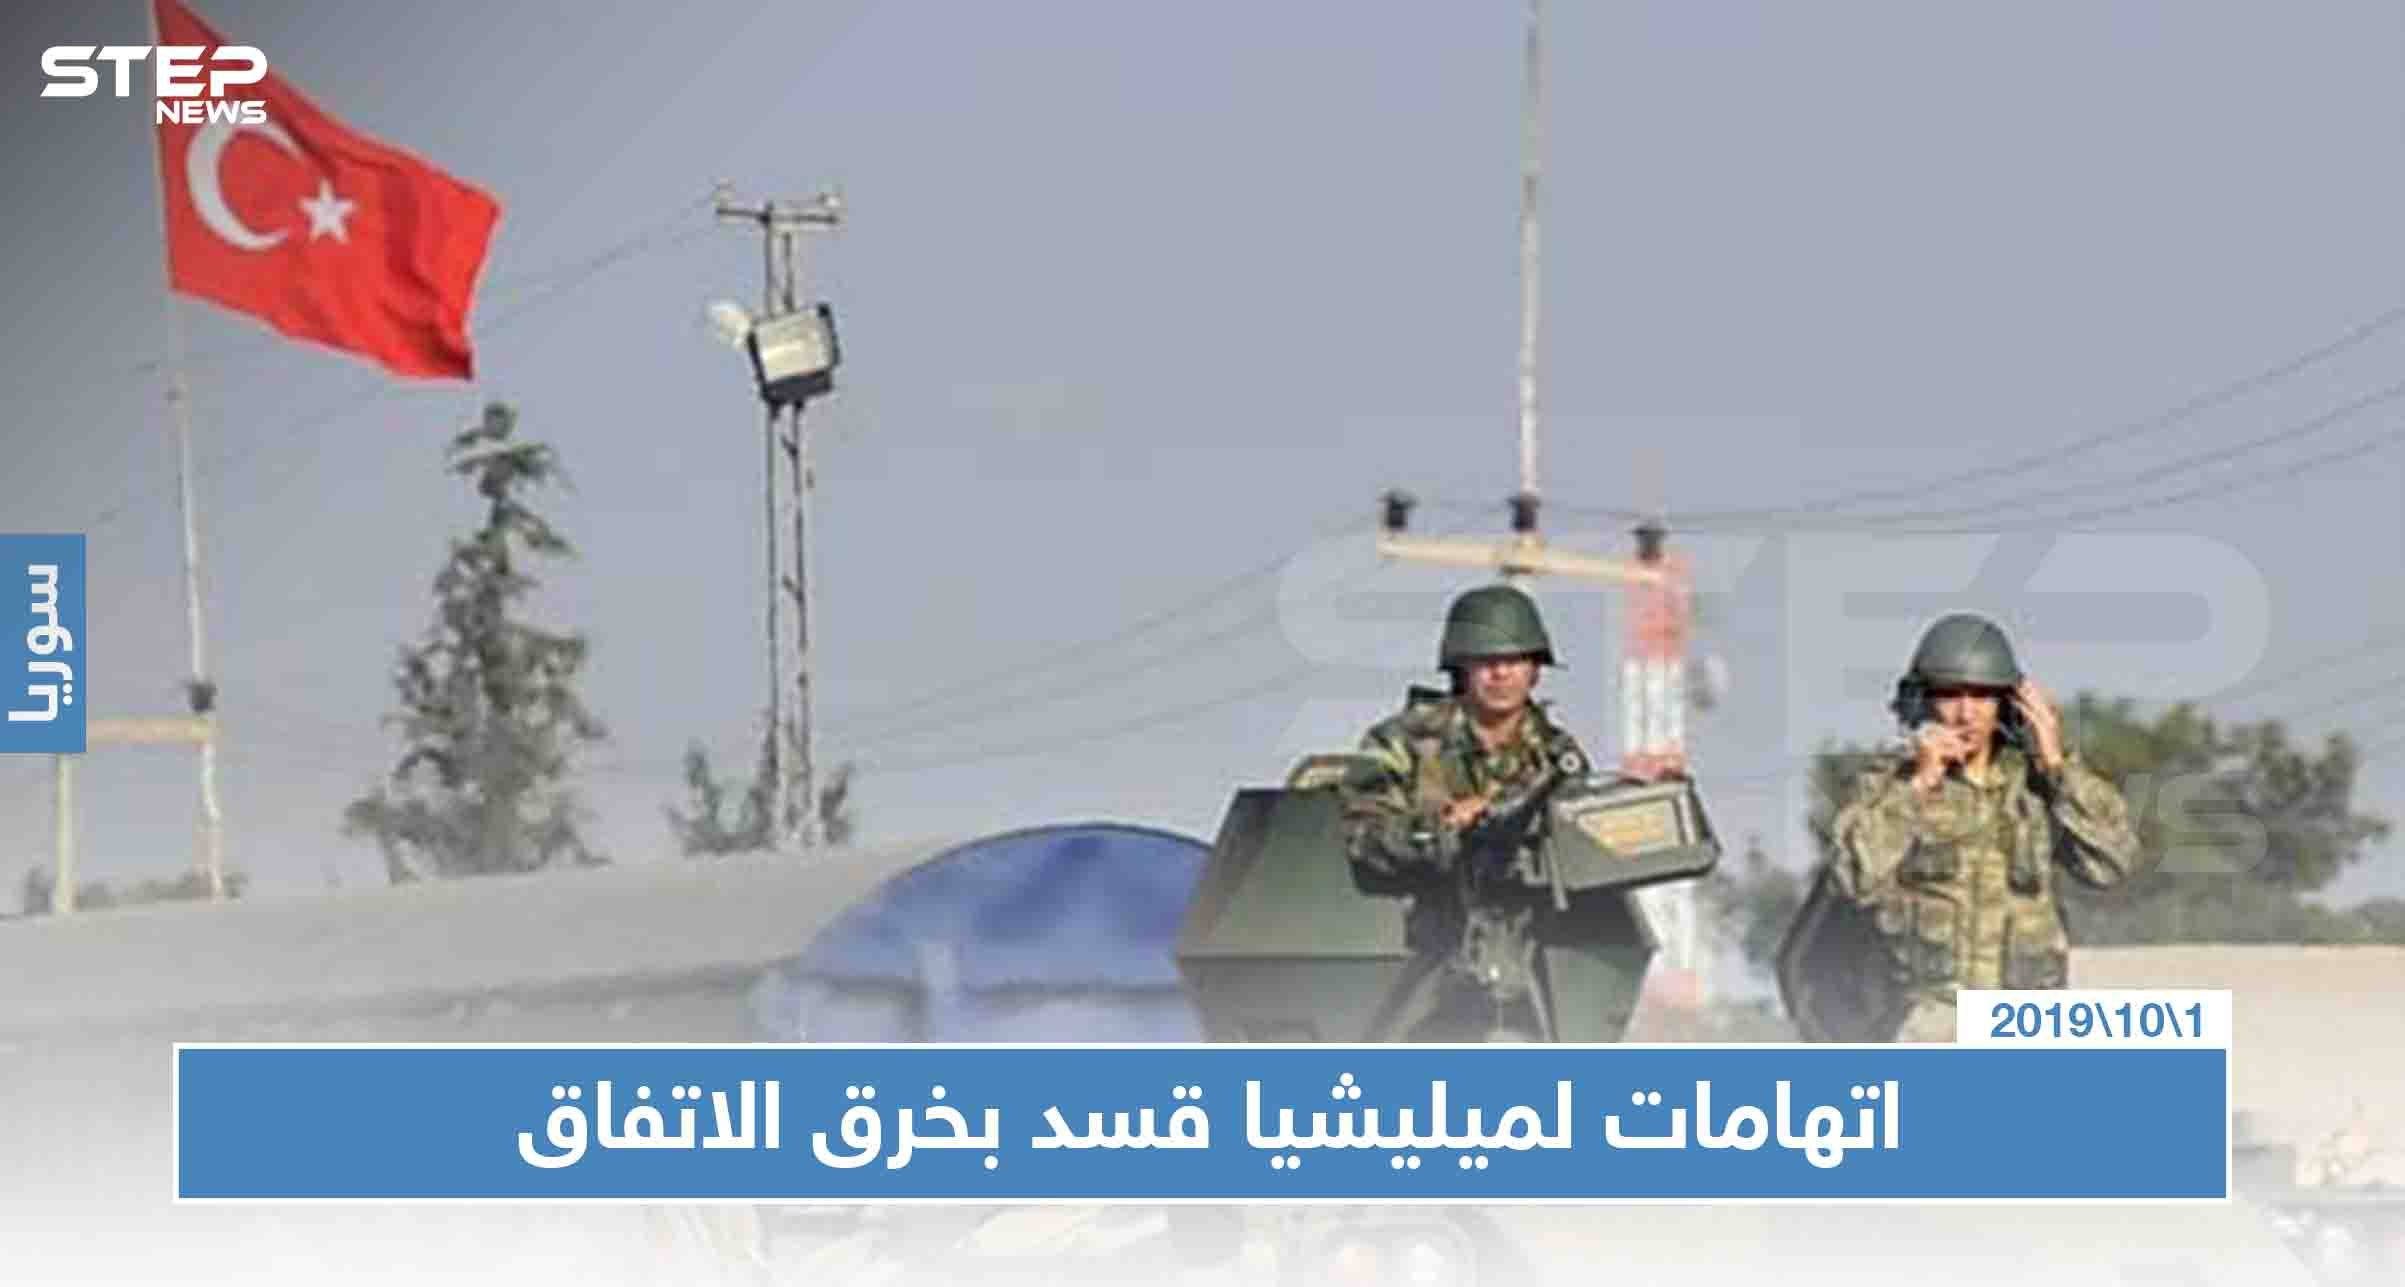 """تركيا تُعلن مقتل أحد جنودها في رأس العين رغم اتفاق """"وقف إطلاق النار"""""""